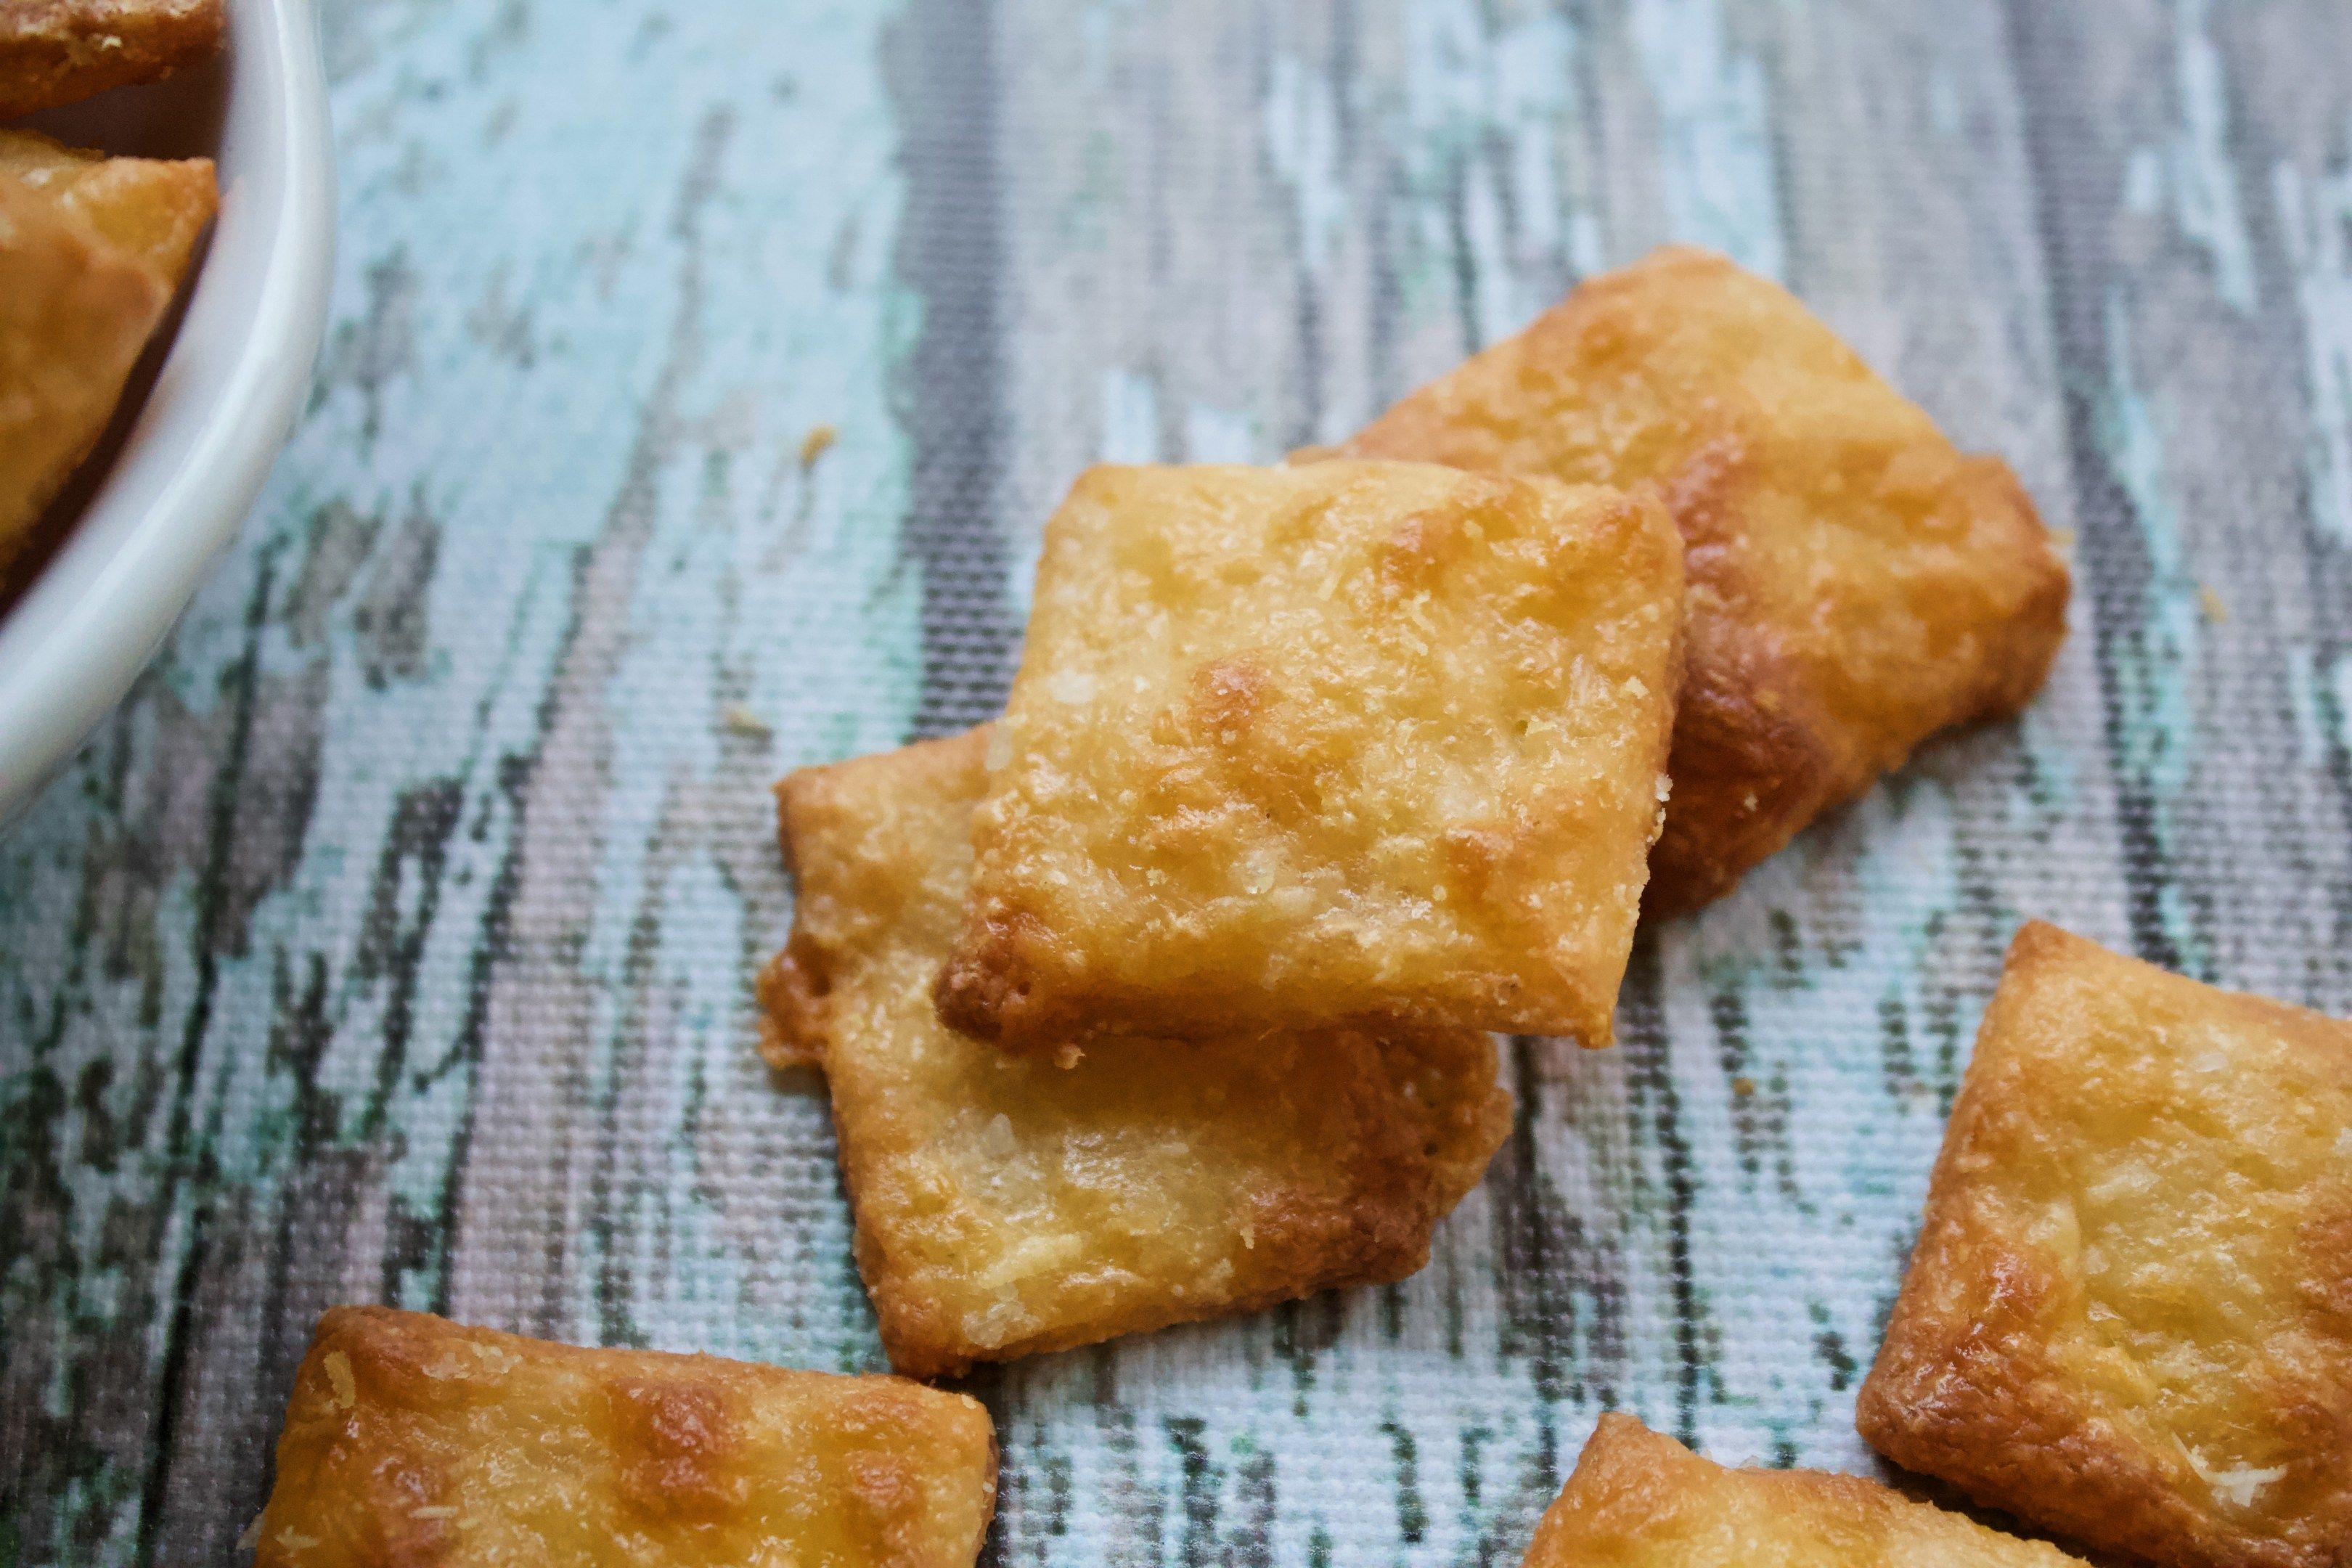 costco gluten free breaded fish